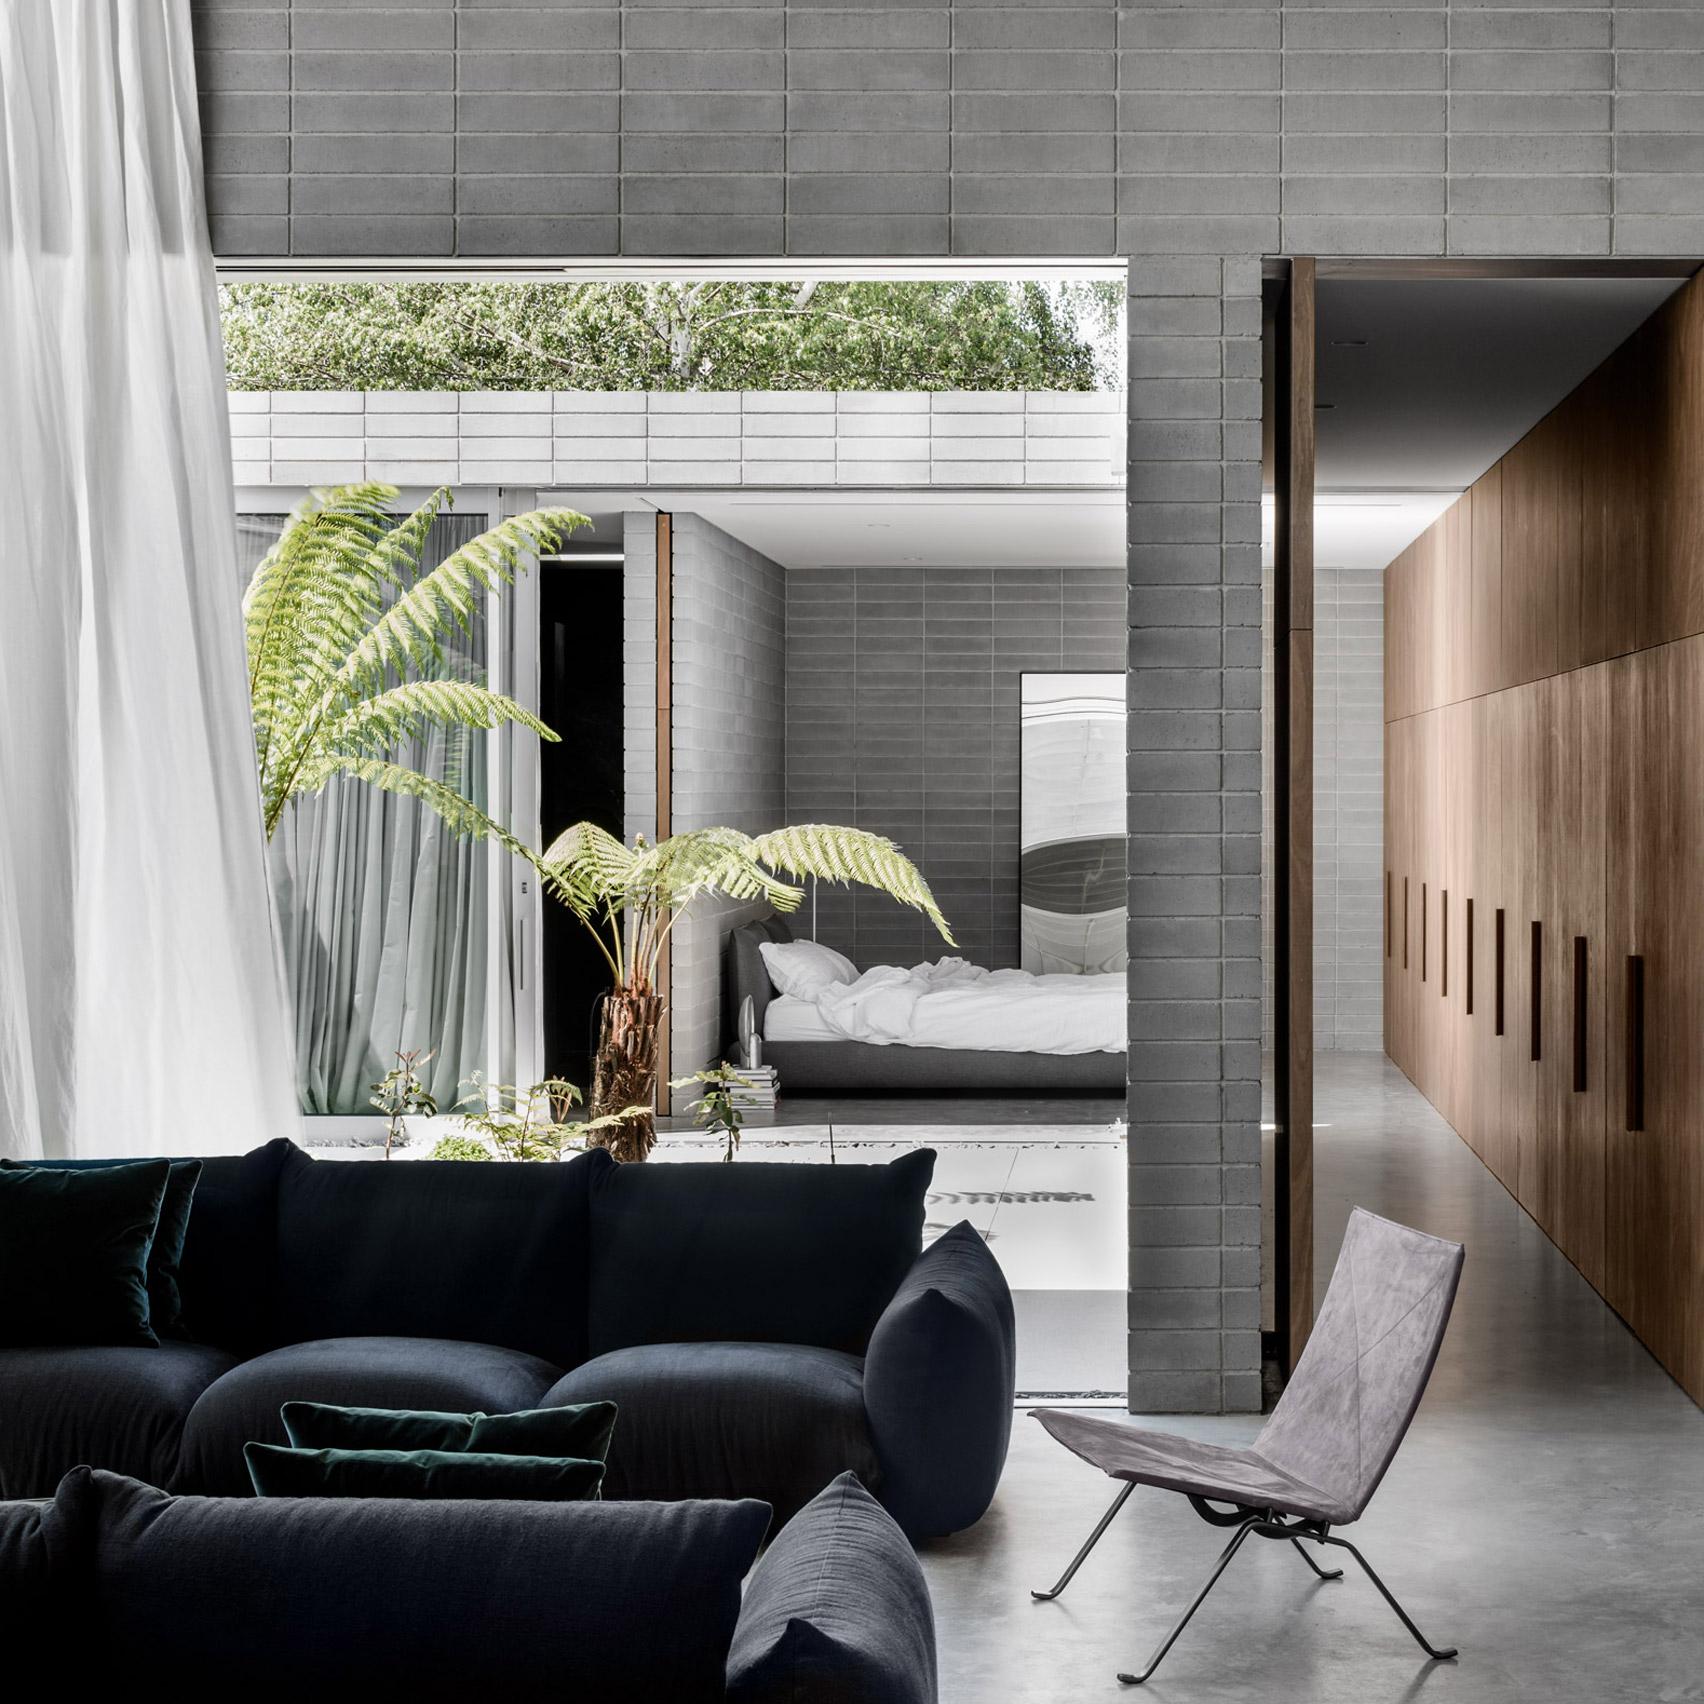 Dezeen's top 10 home interiors of 2018: Highbury Grove